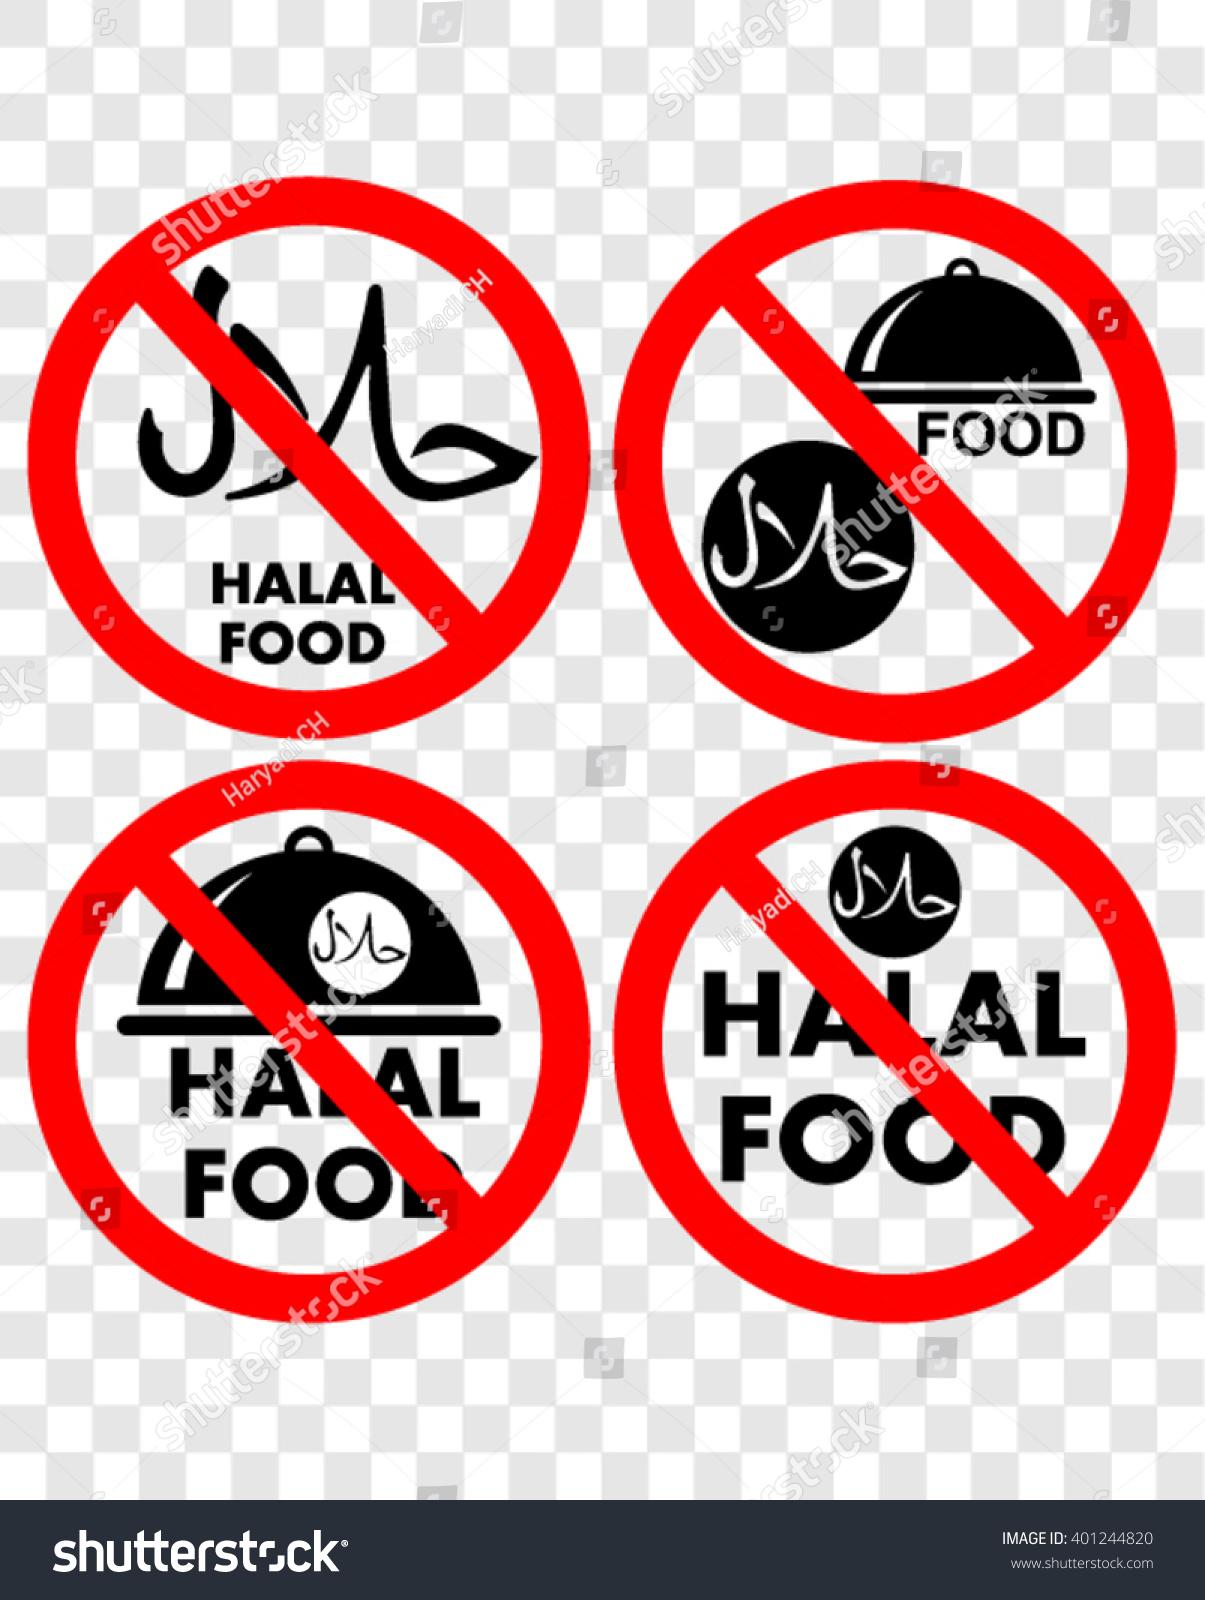 Royalty free no halal food sign 401244820 stock photo avopix no halal food sign 401244820 buycottarizona